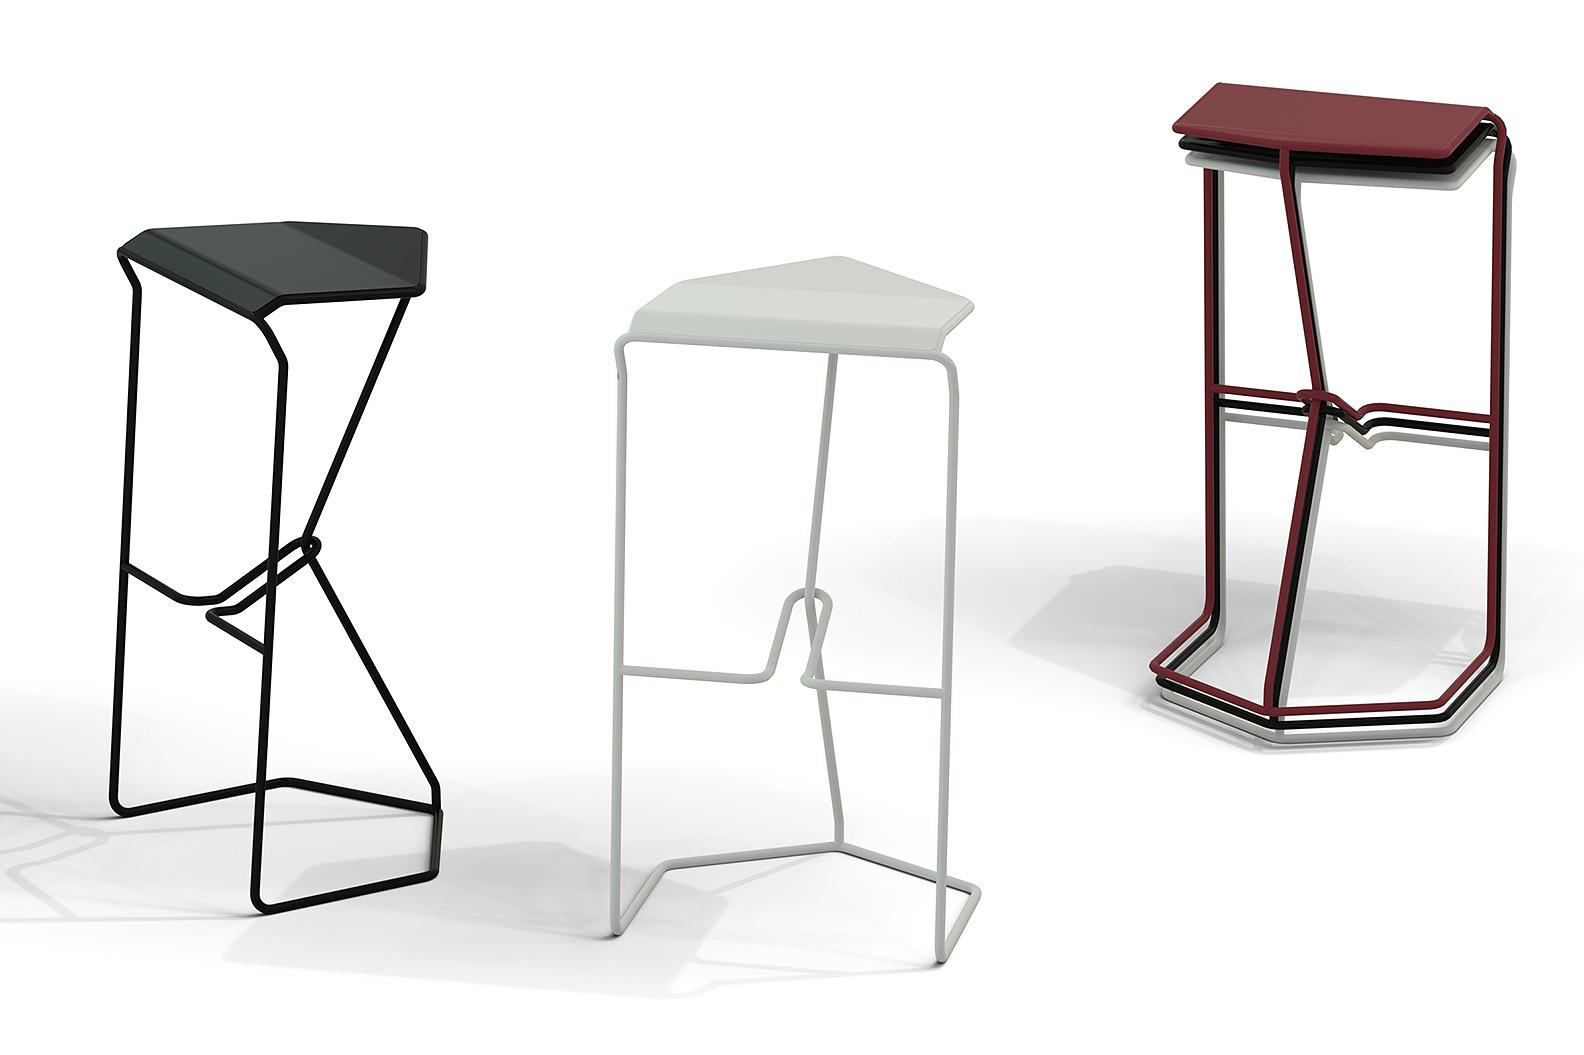 2017-Web-Lewin-stool-1